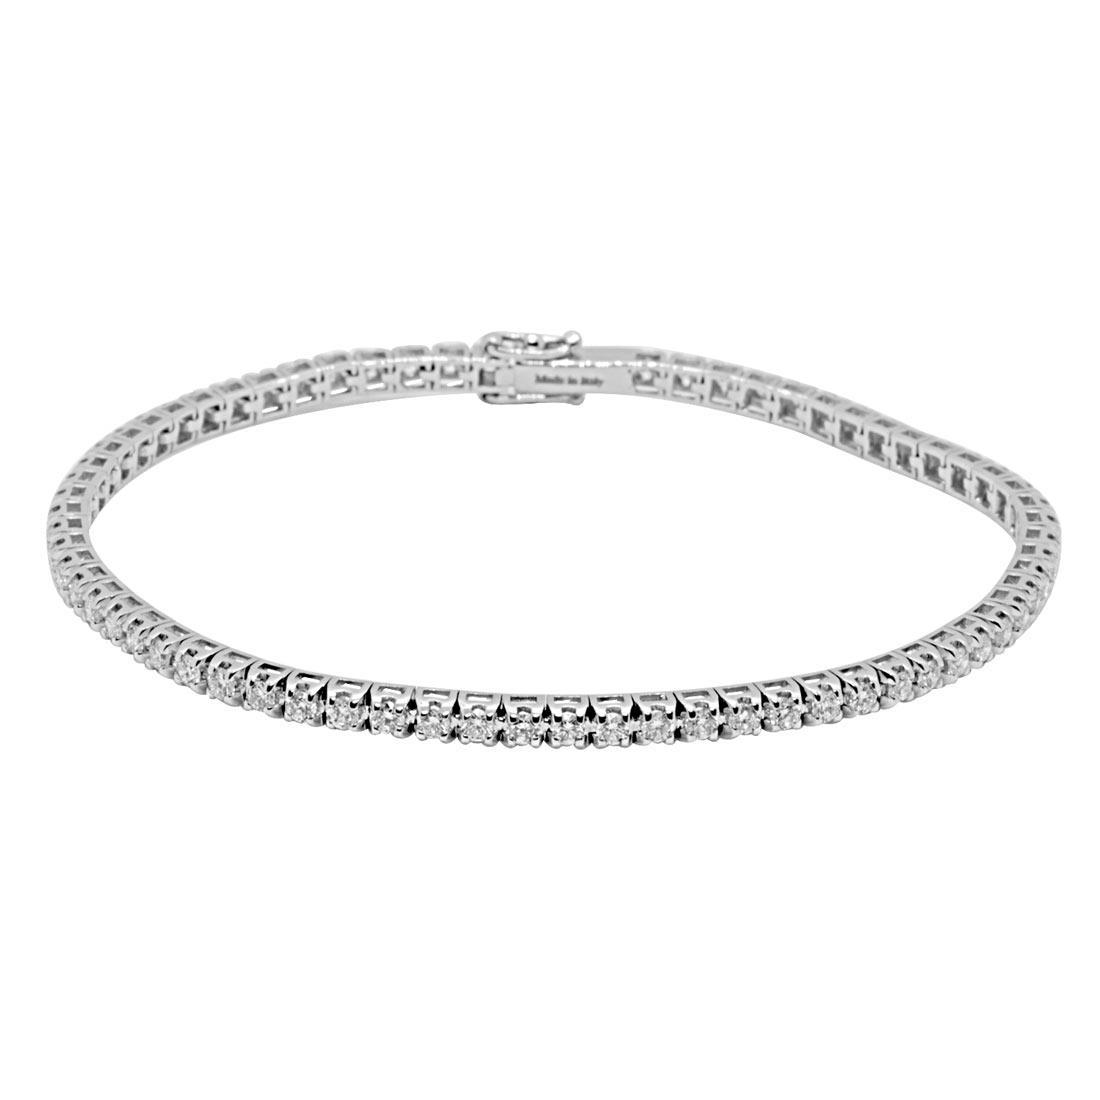 Bracciale tennis in oro bianco con diamanti 0,55 ct - ALFIERI ST JOHN